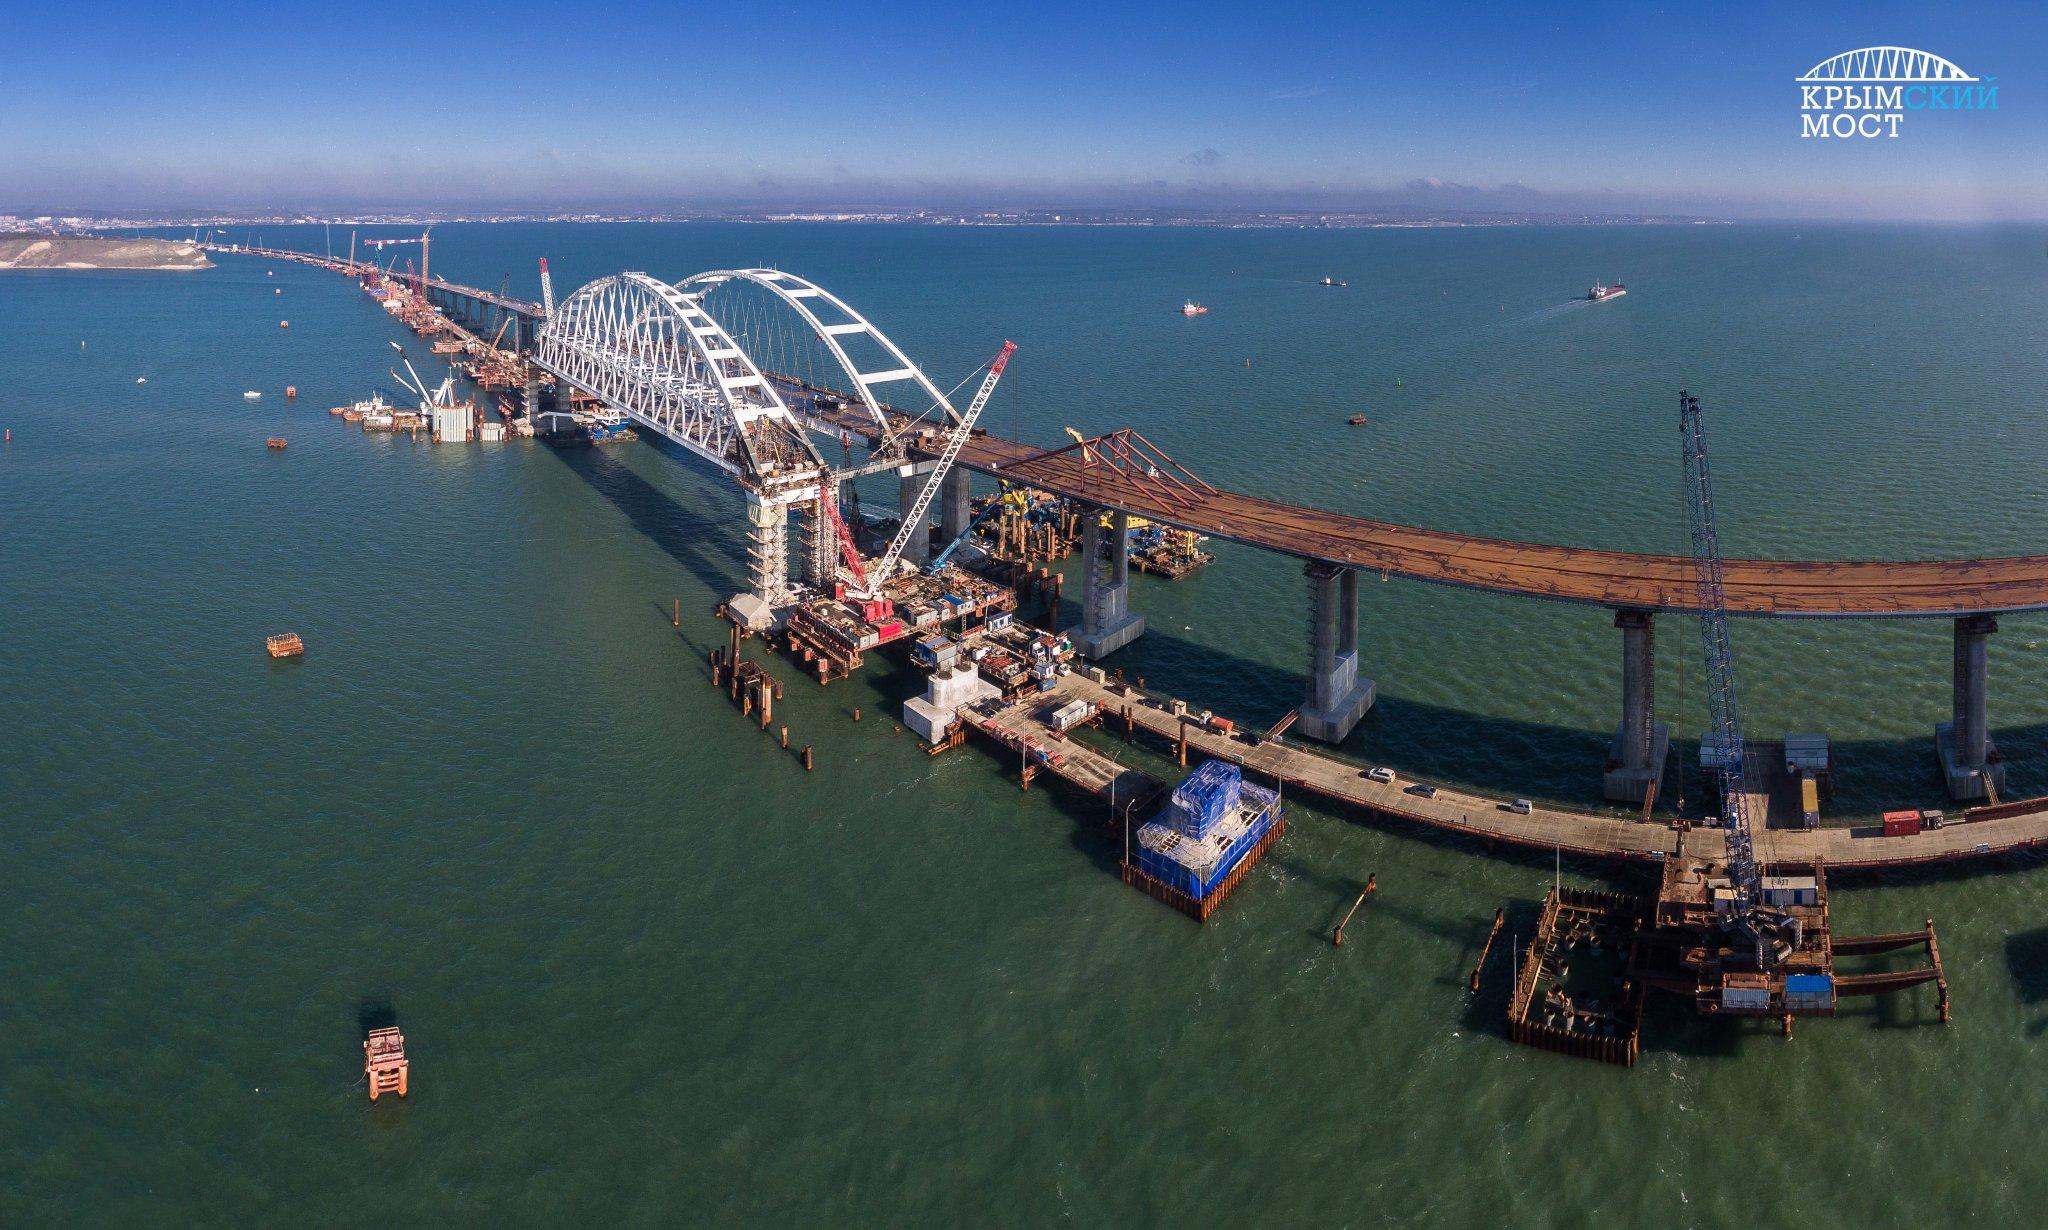 строительство моста в крым сегодня фото простой